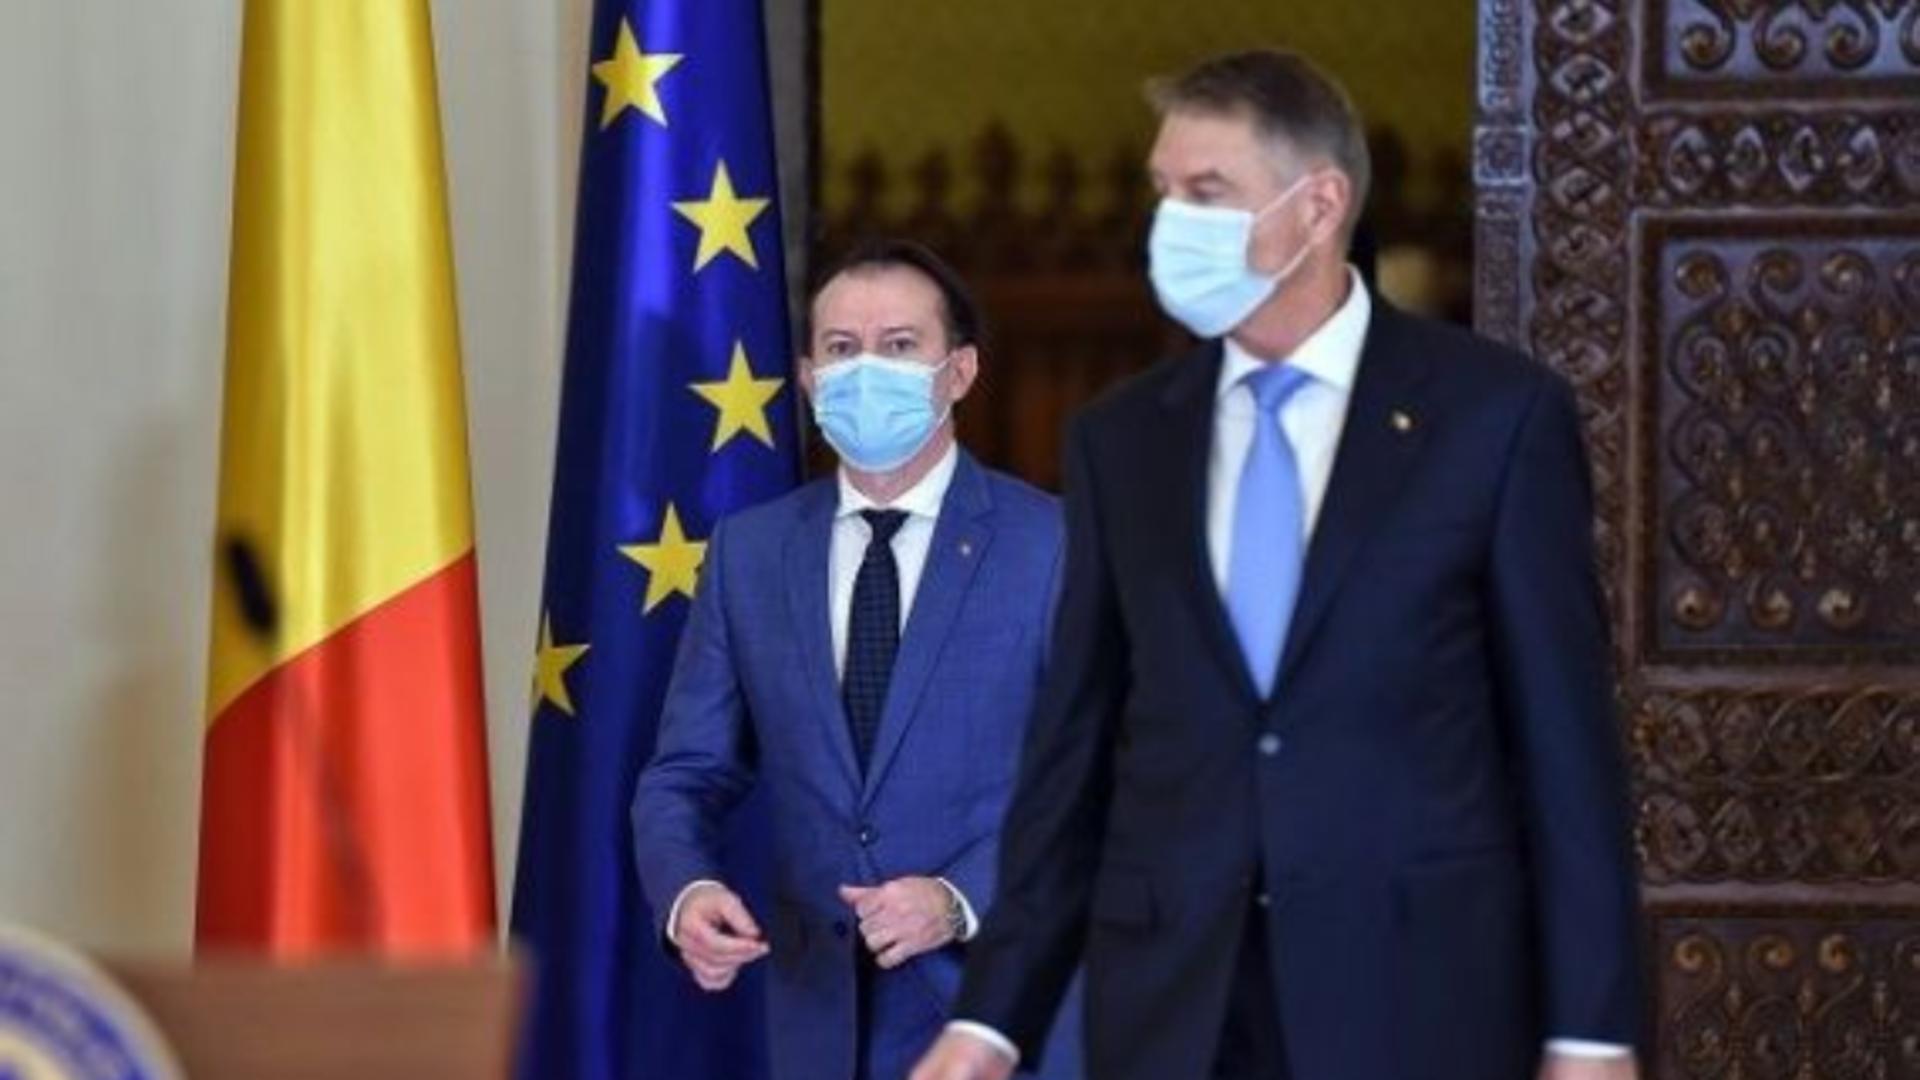 Președintele României, Klaus Iohannis, și premierul Florin Cîțu